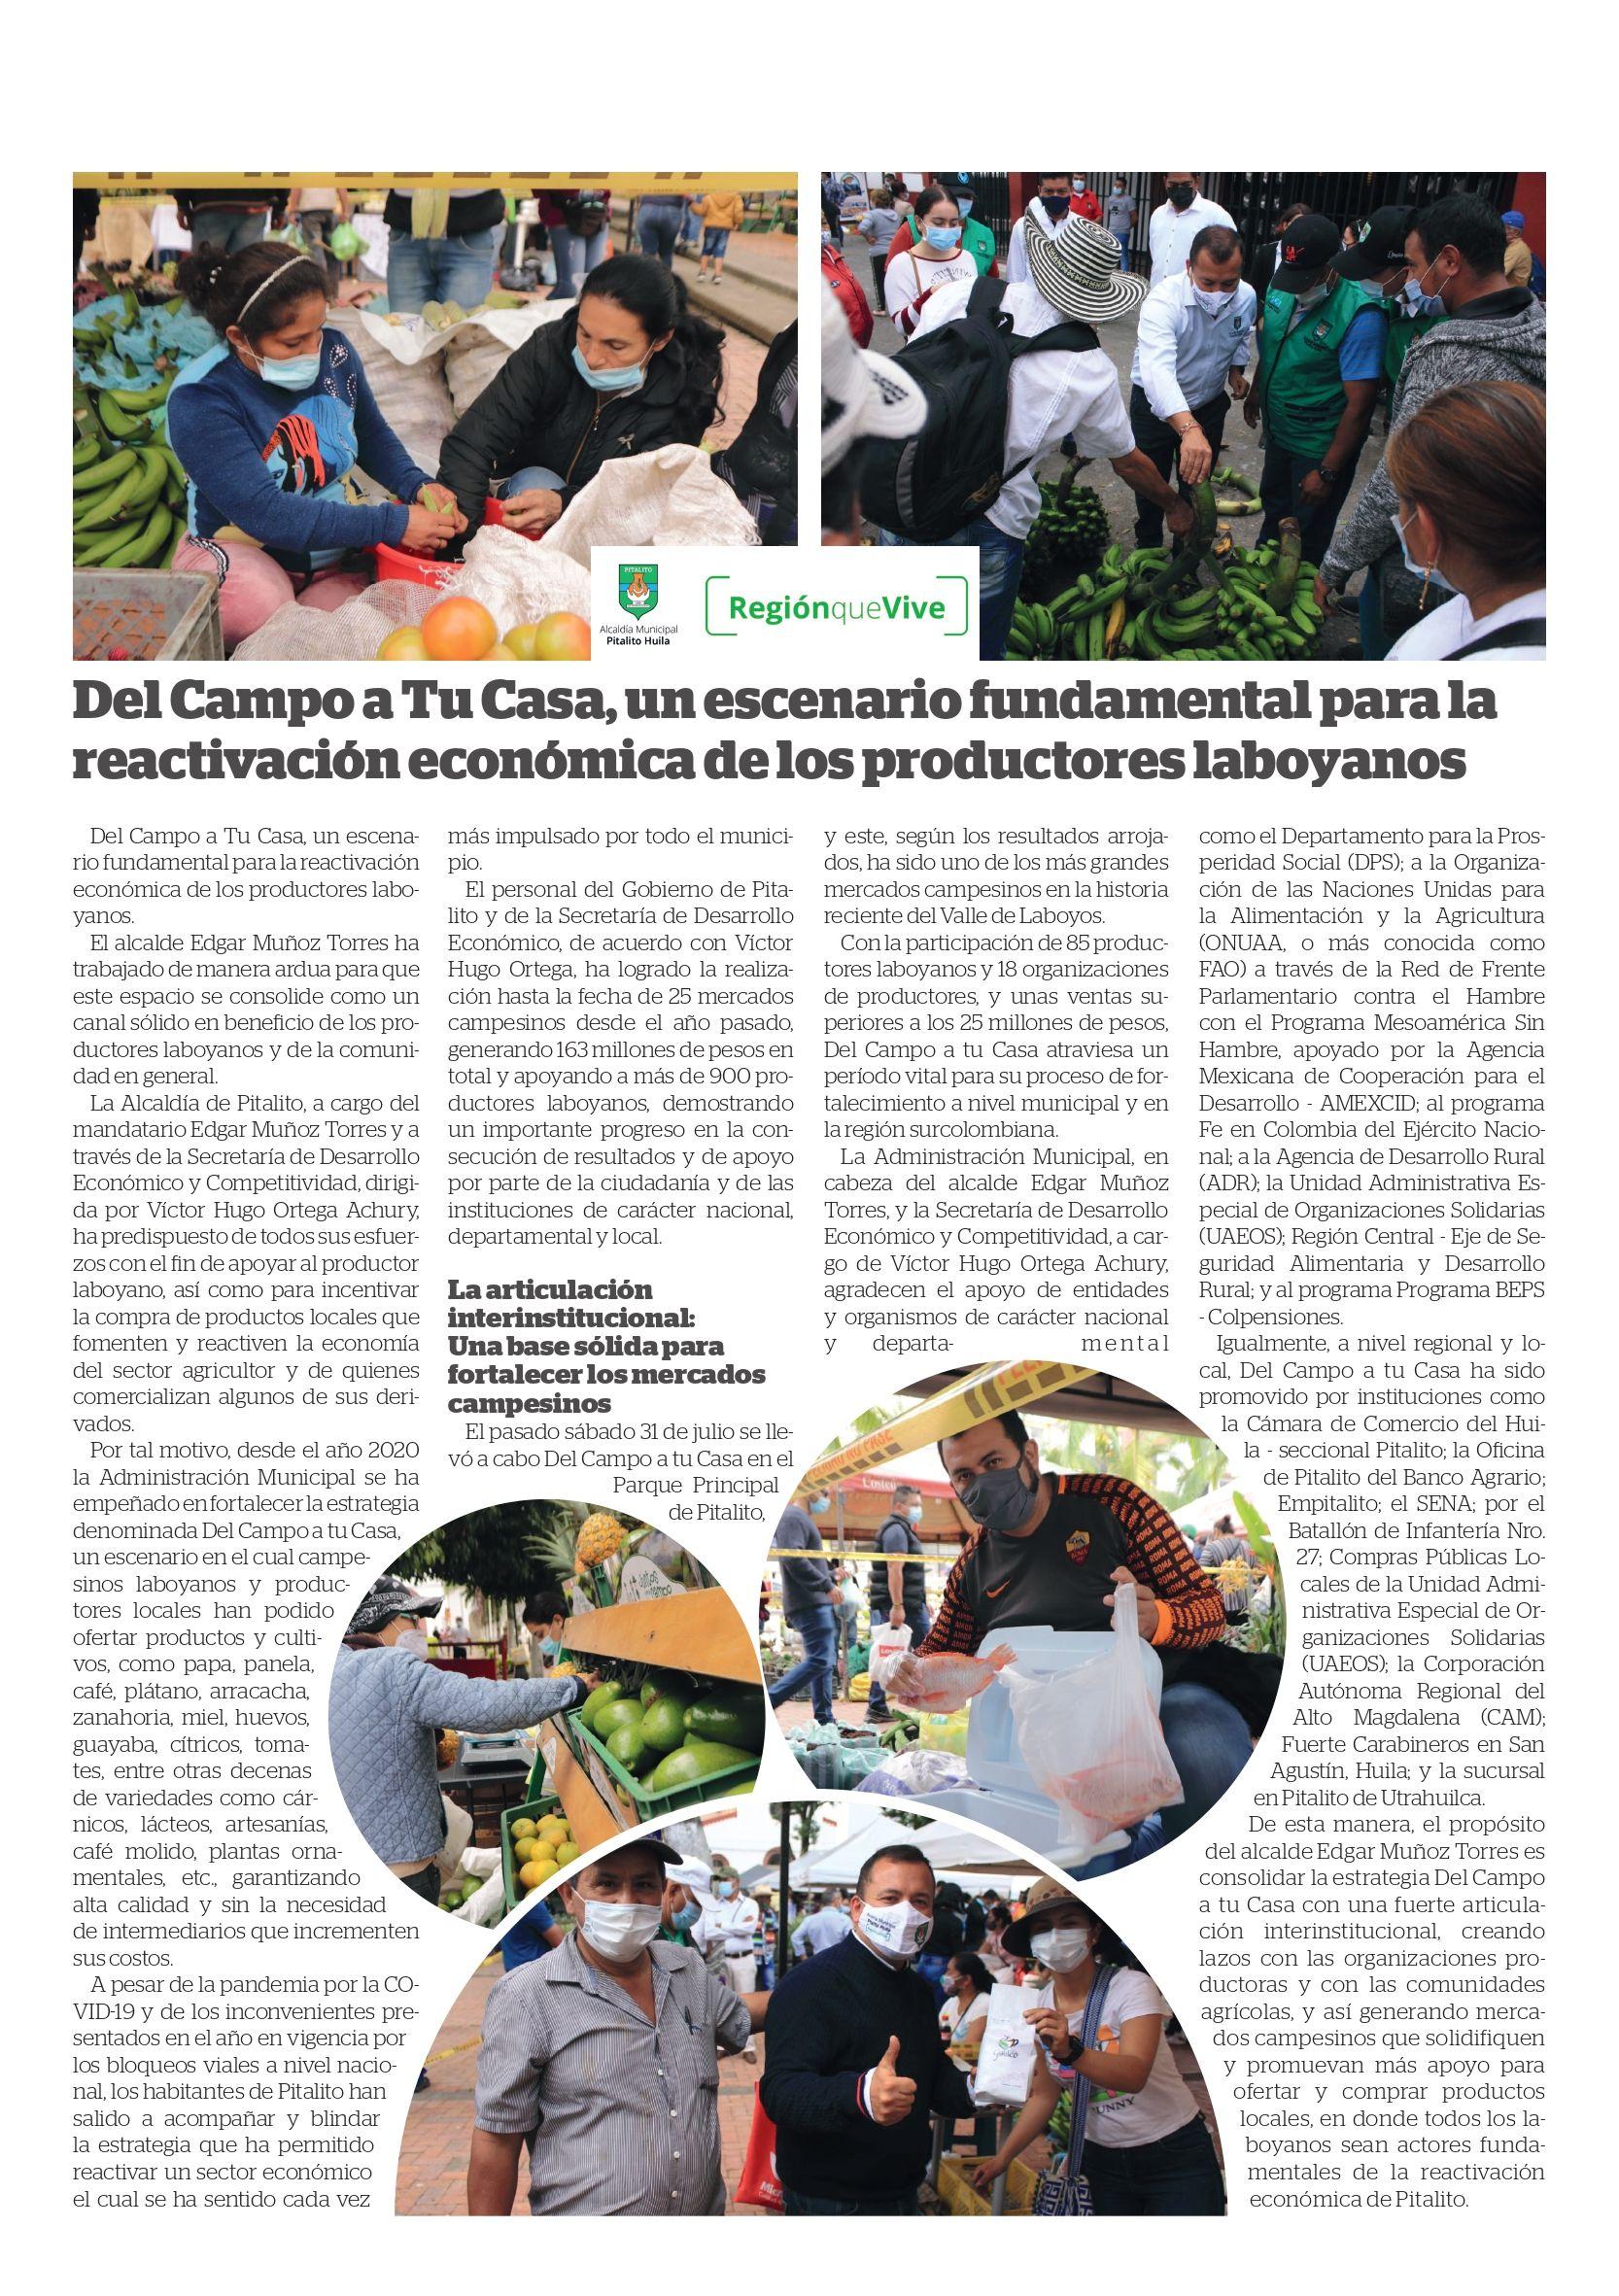 Del Campo a Tu Casa, un escenario fundamental para la reactivación económica de los productores laboyanos